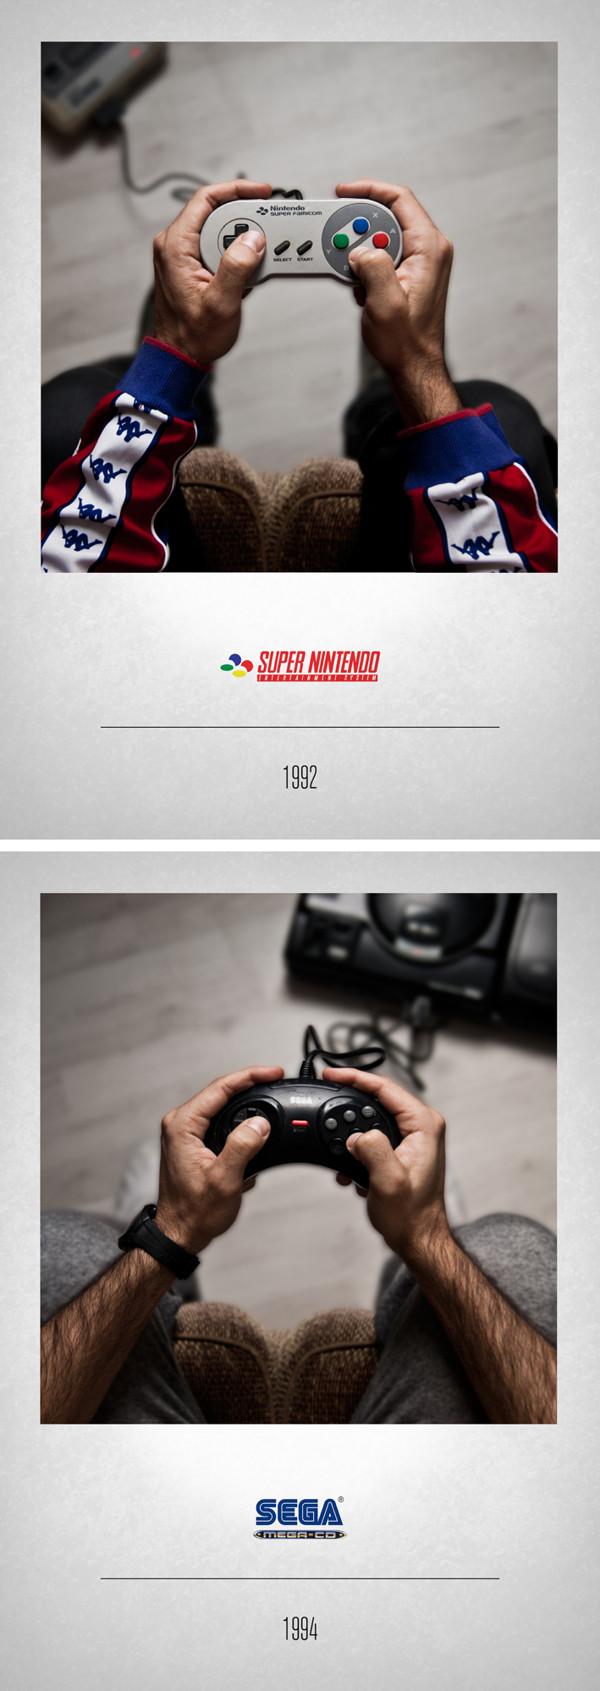 Super Nintendo 1992 – Sega Mega CD 1994